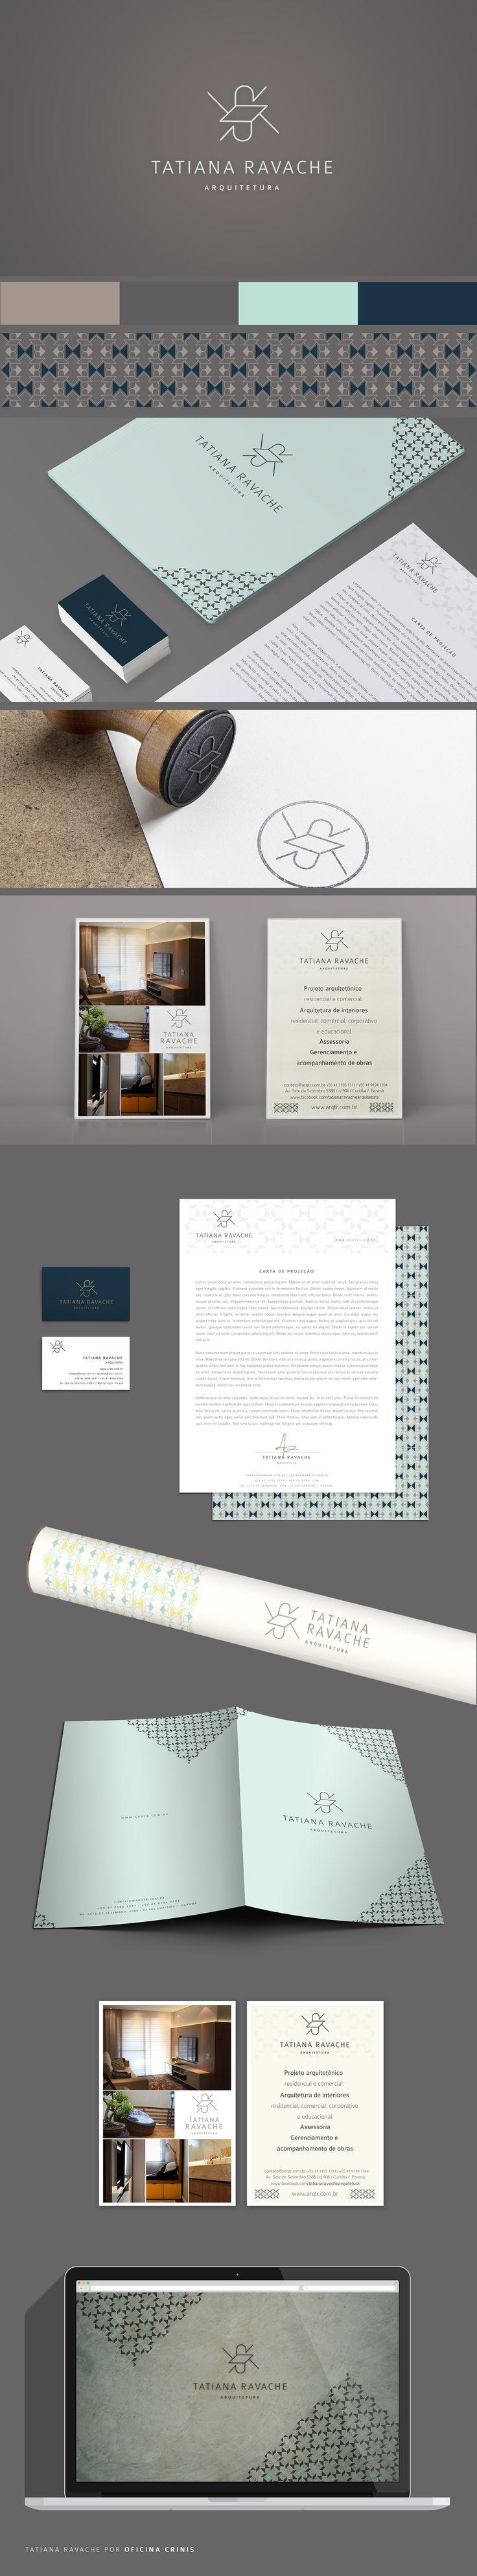 Identidade Visual do escritório Tatiana Ravache Arquitetura. Criado por Oficina Crinis   Arquitetura e Design